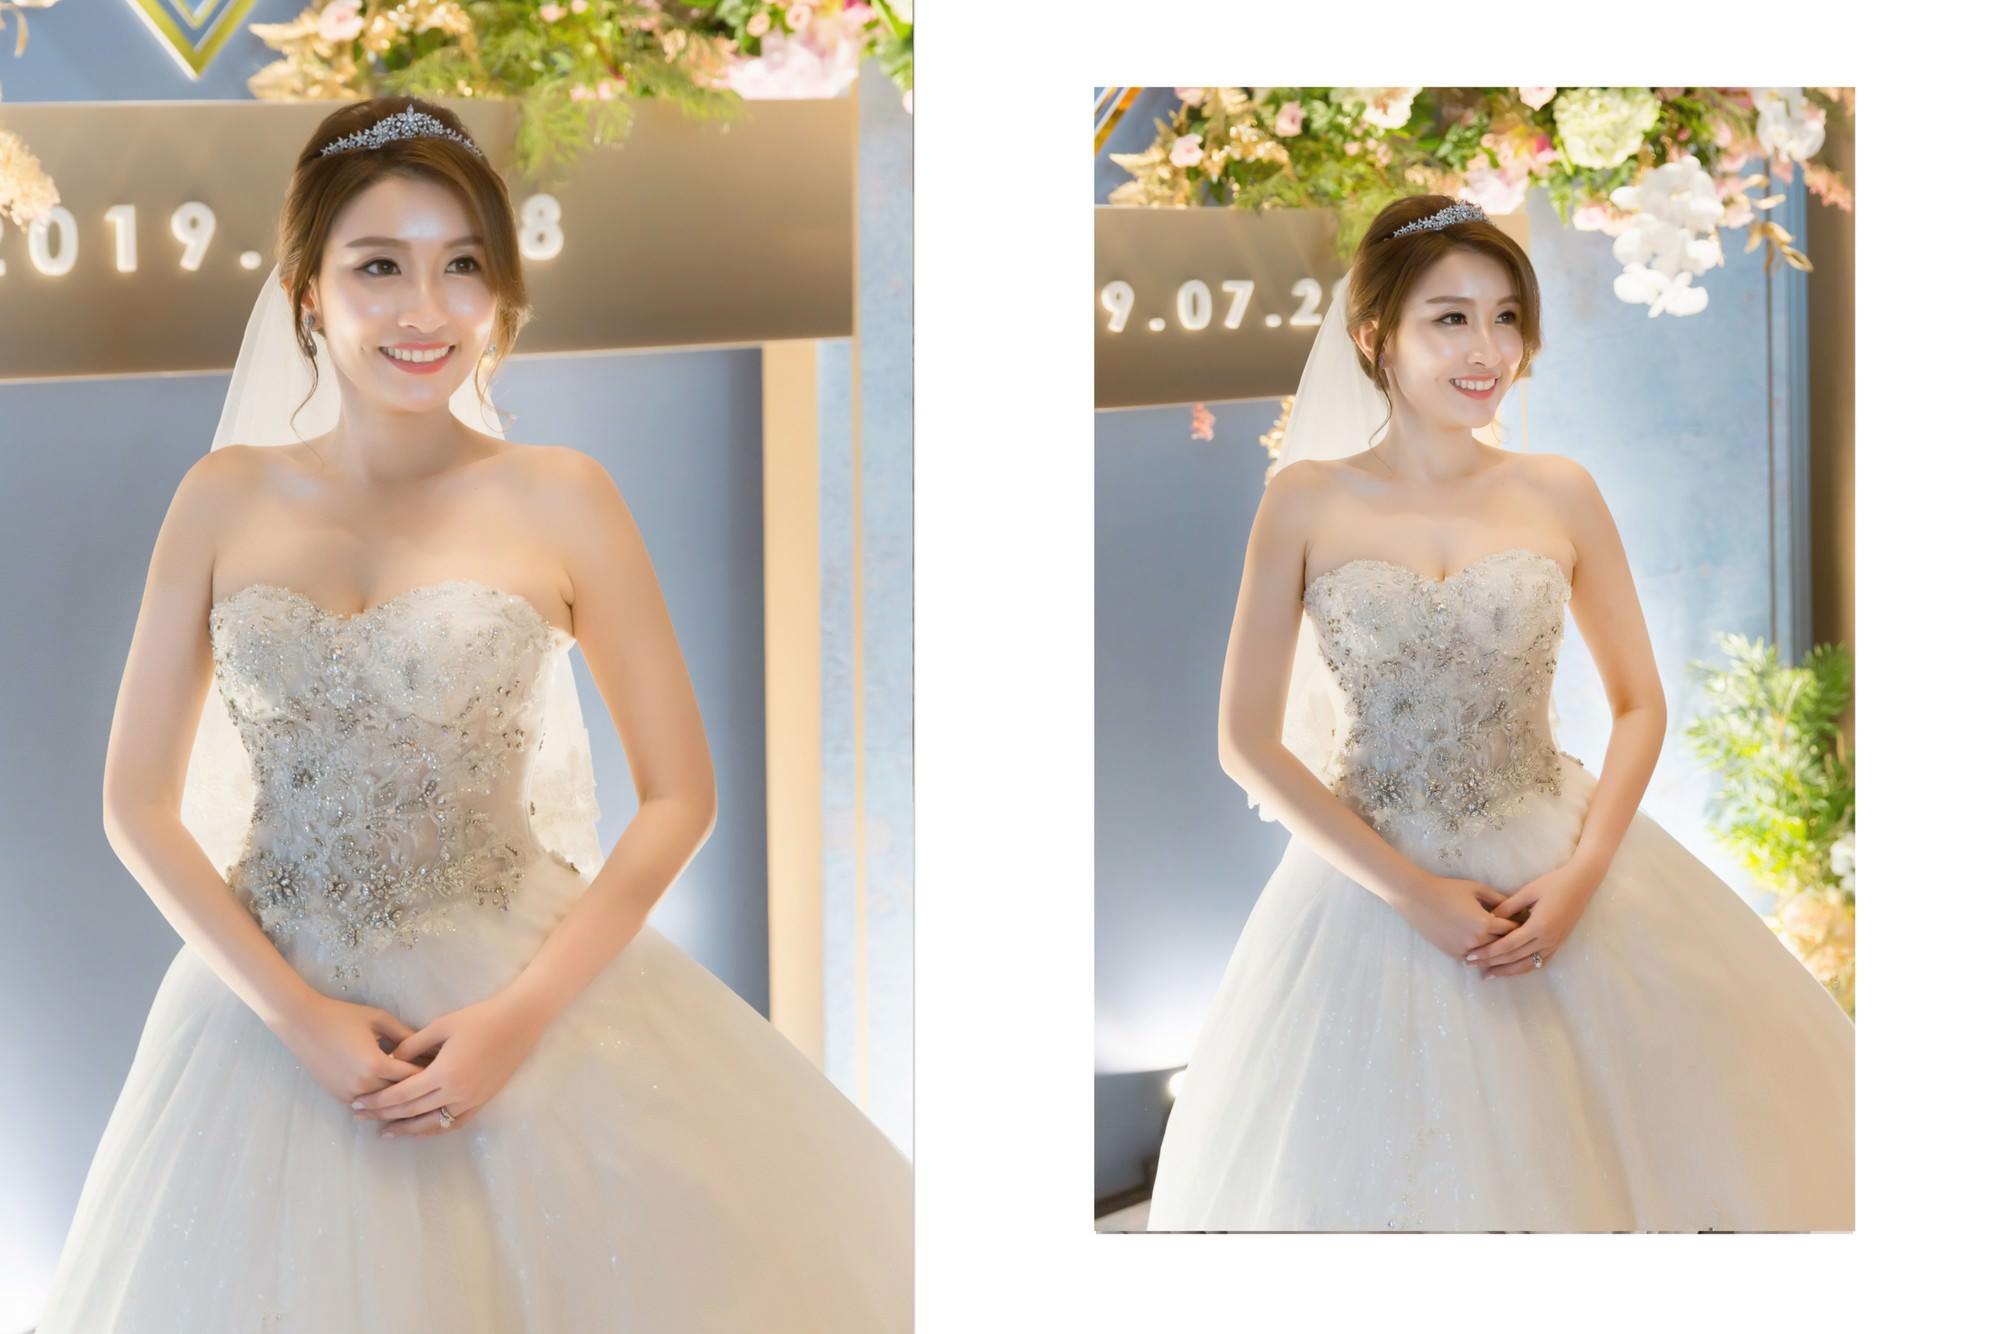 新秘Yuki|新娘秘書、皇冠造型, 新秘, 新娘造型, 新娘髮型, 新娘妝容, 台北新秘, 白紗造型,